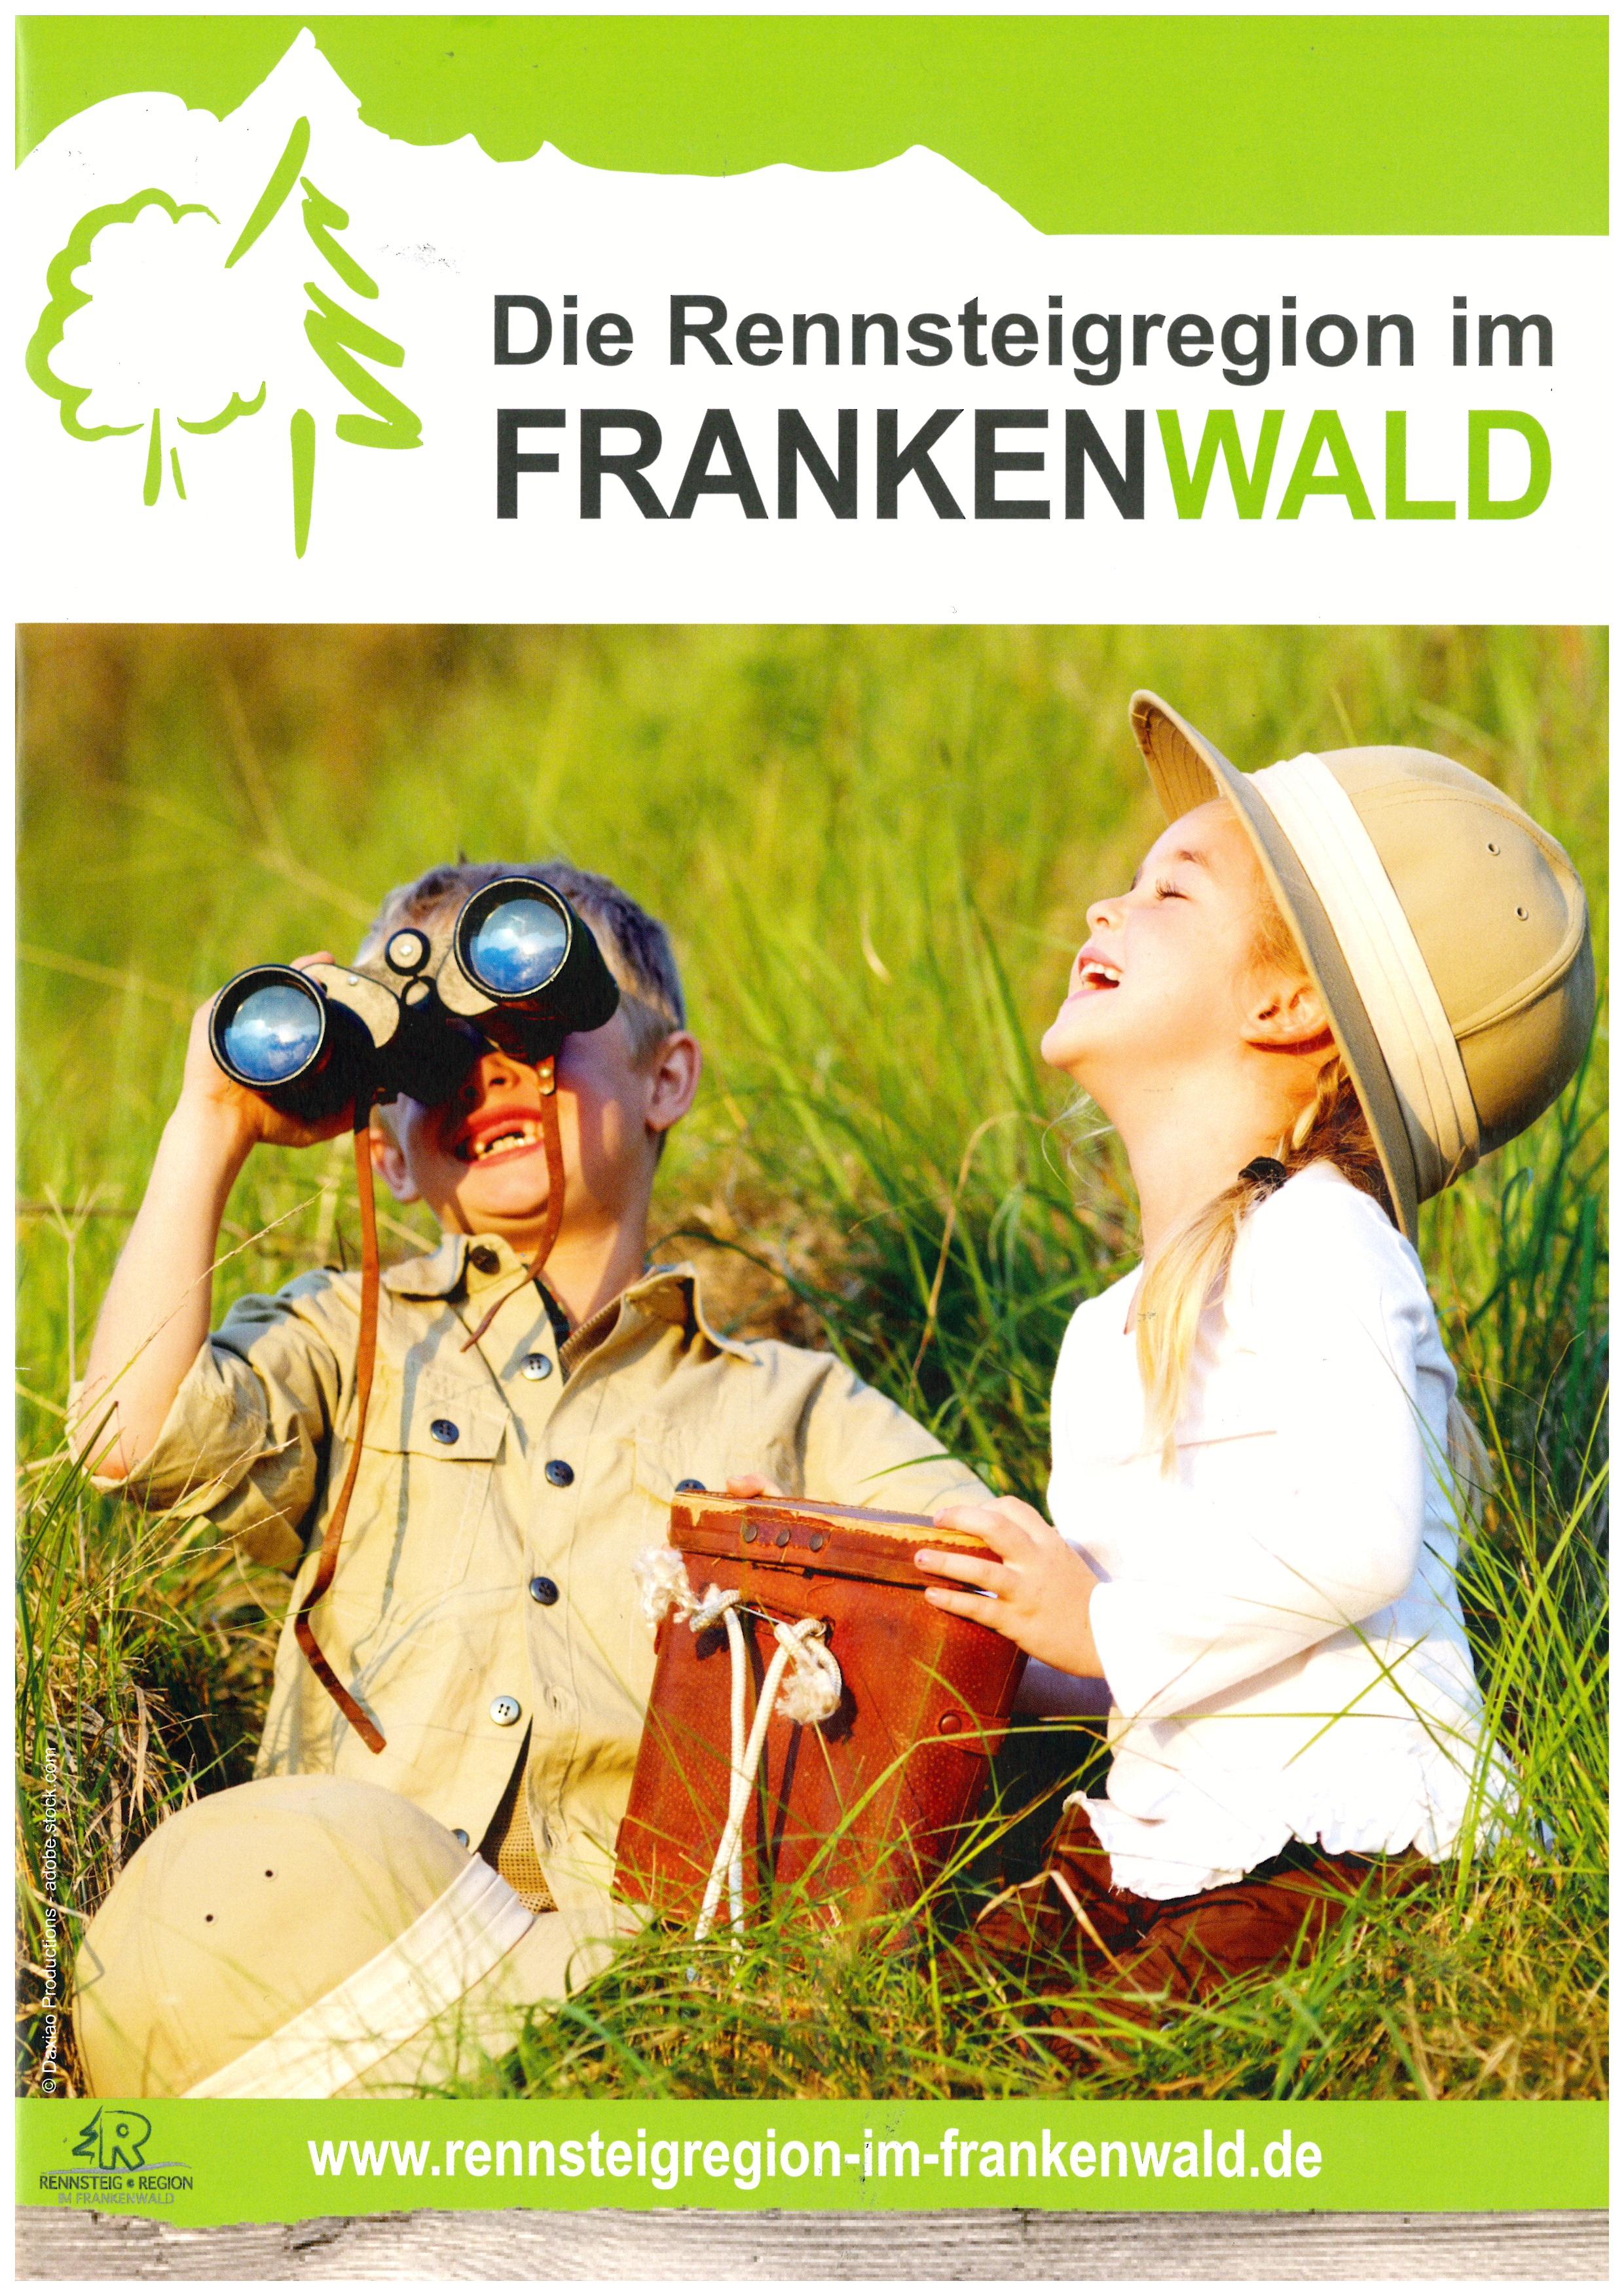 Urlaubskatalog Rennsteigregion im Frankenwald